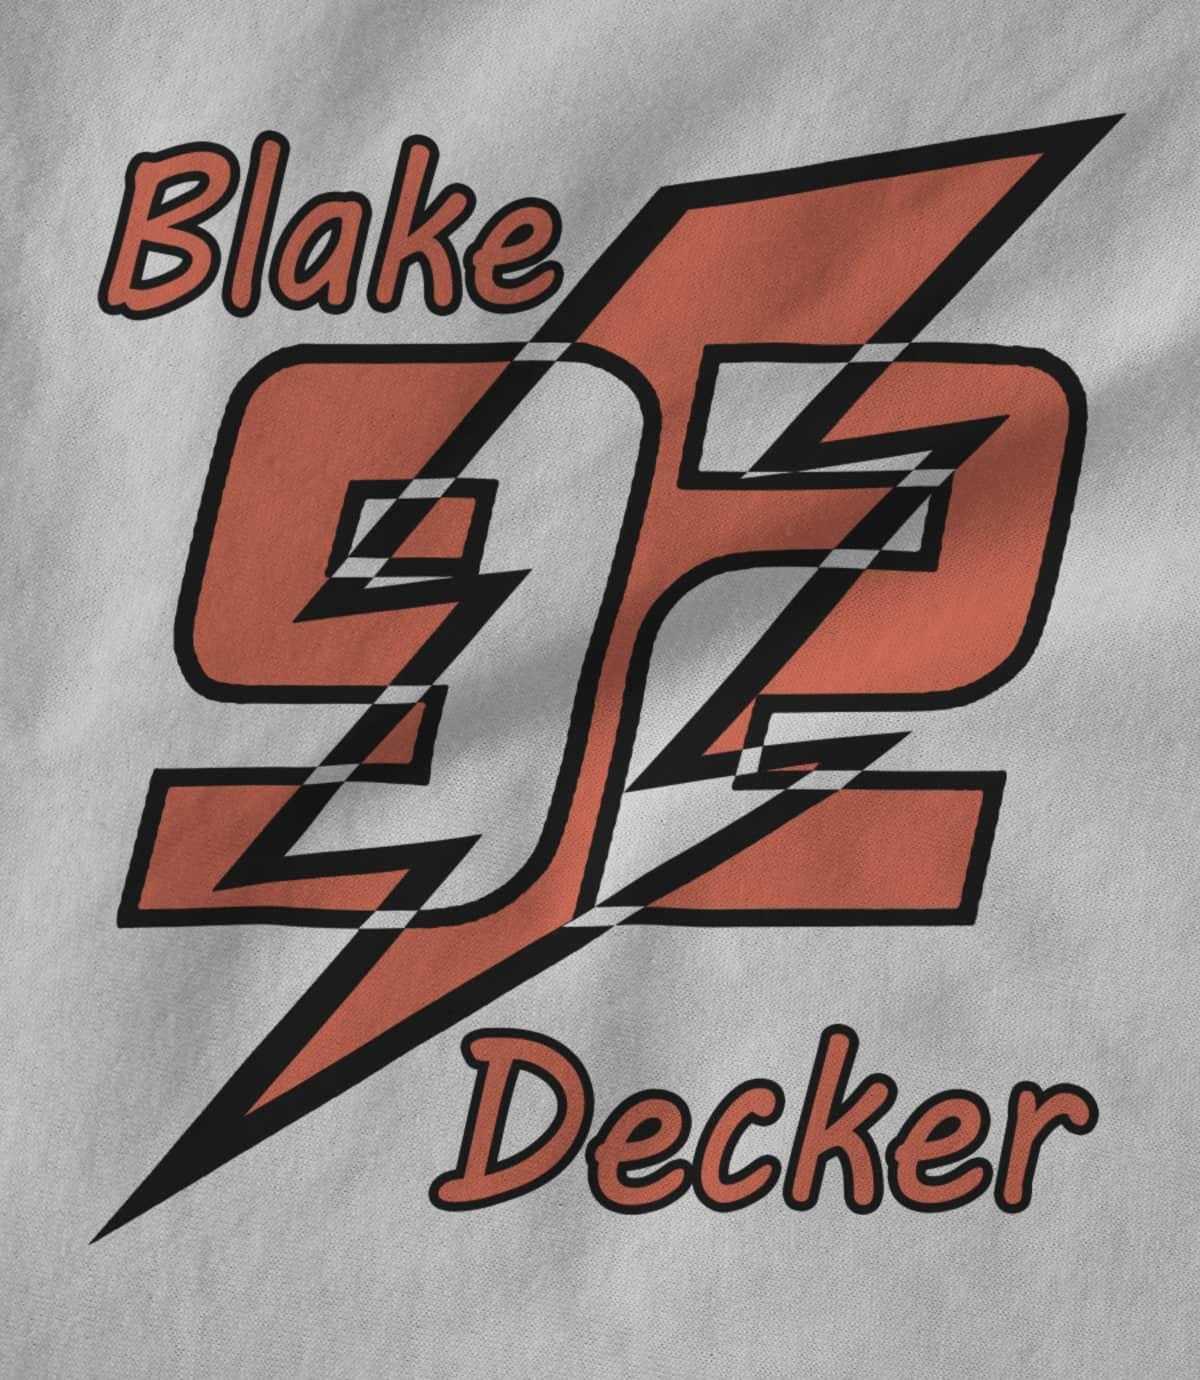 Blake Decker